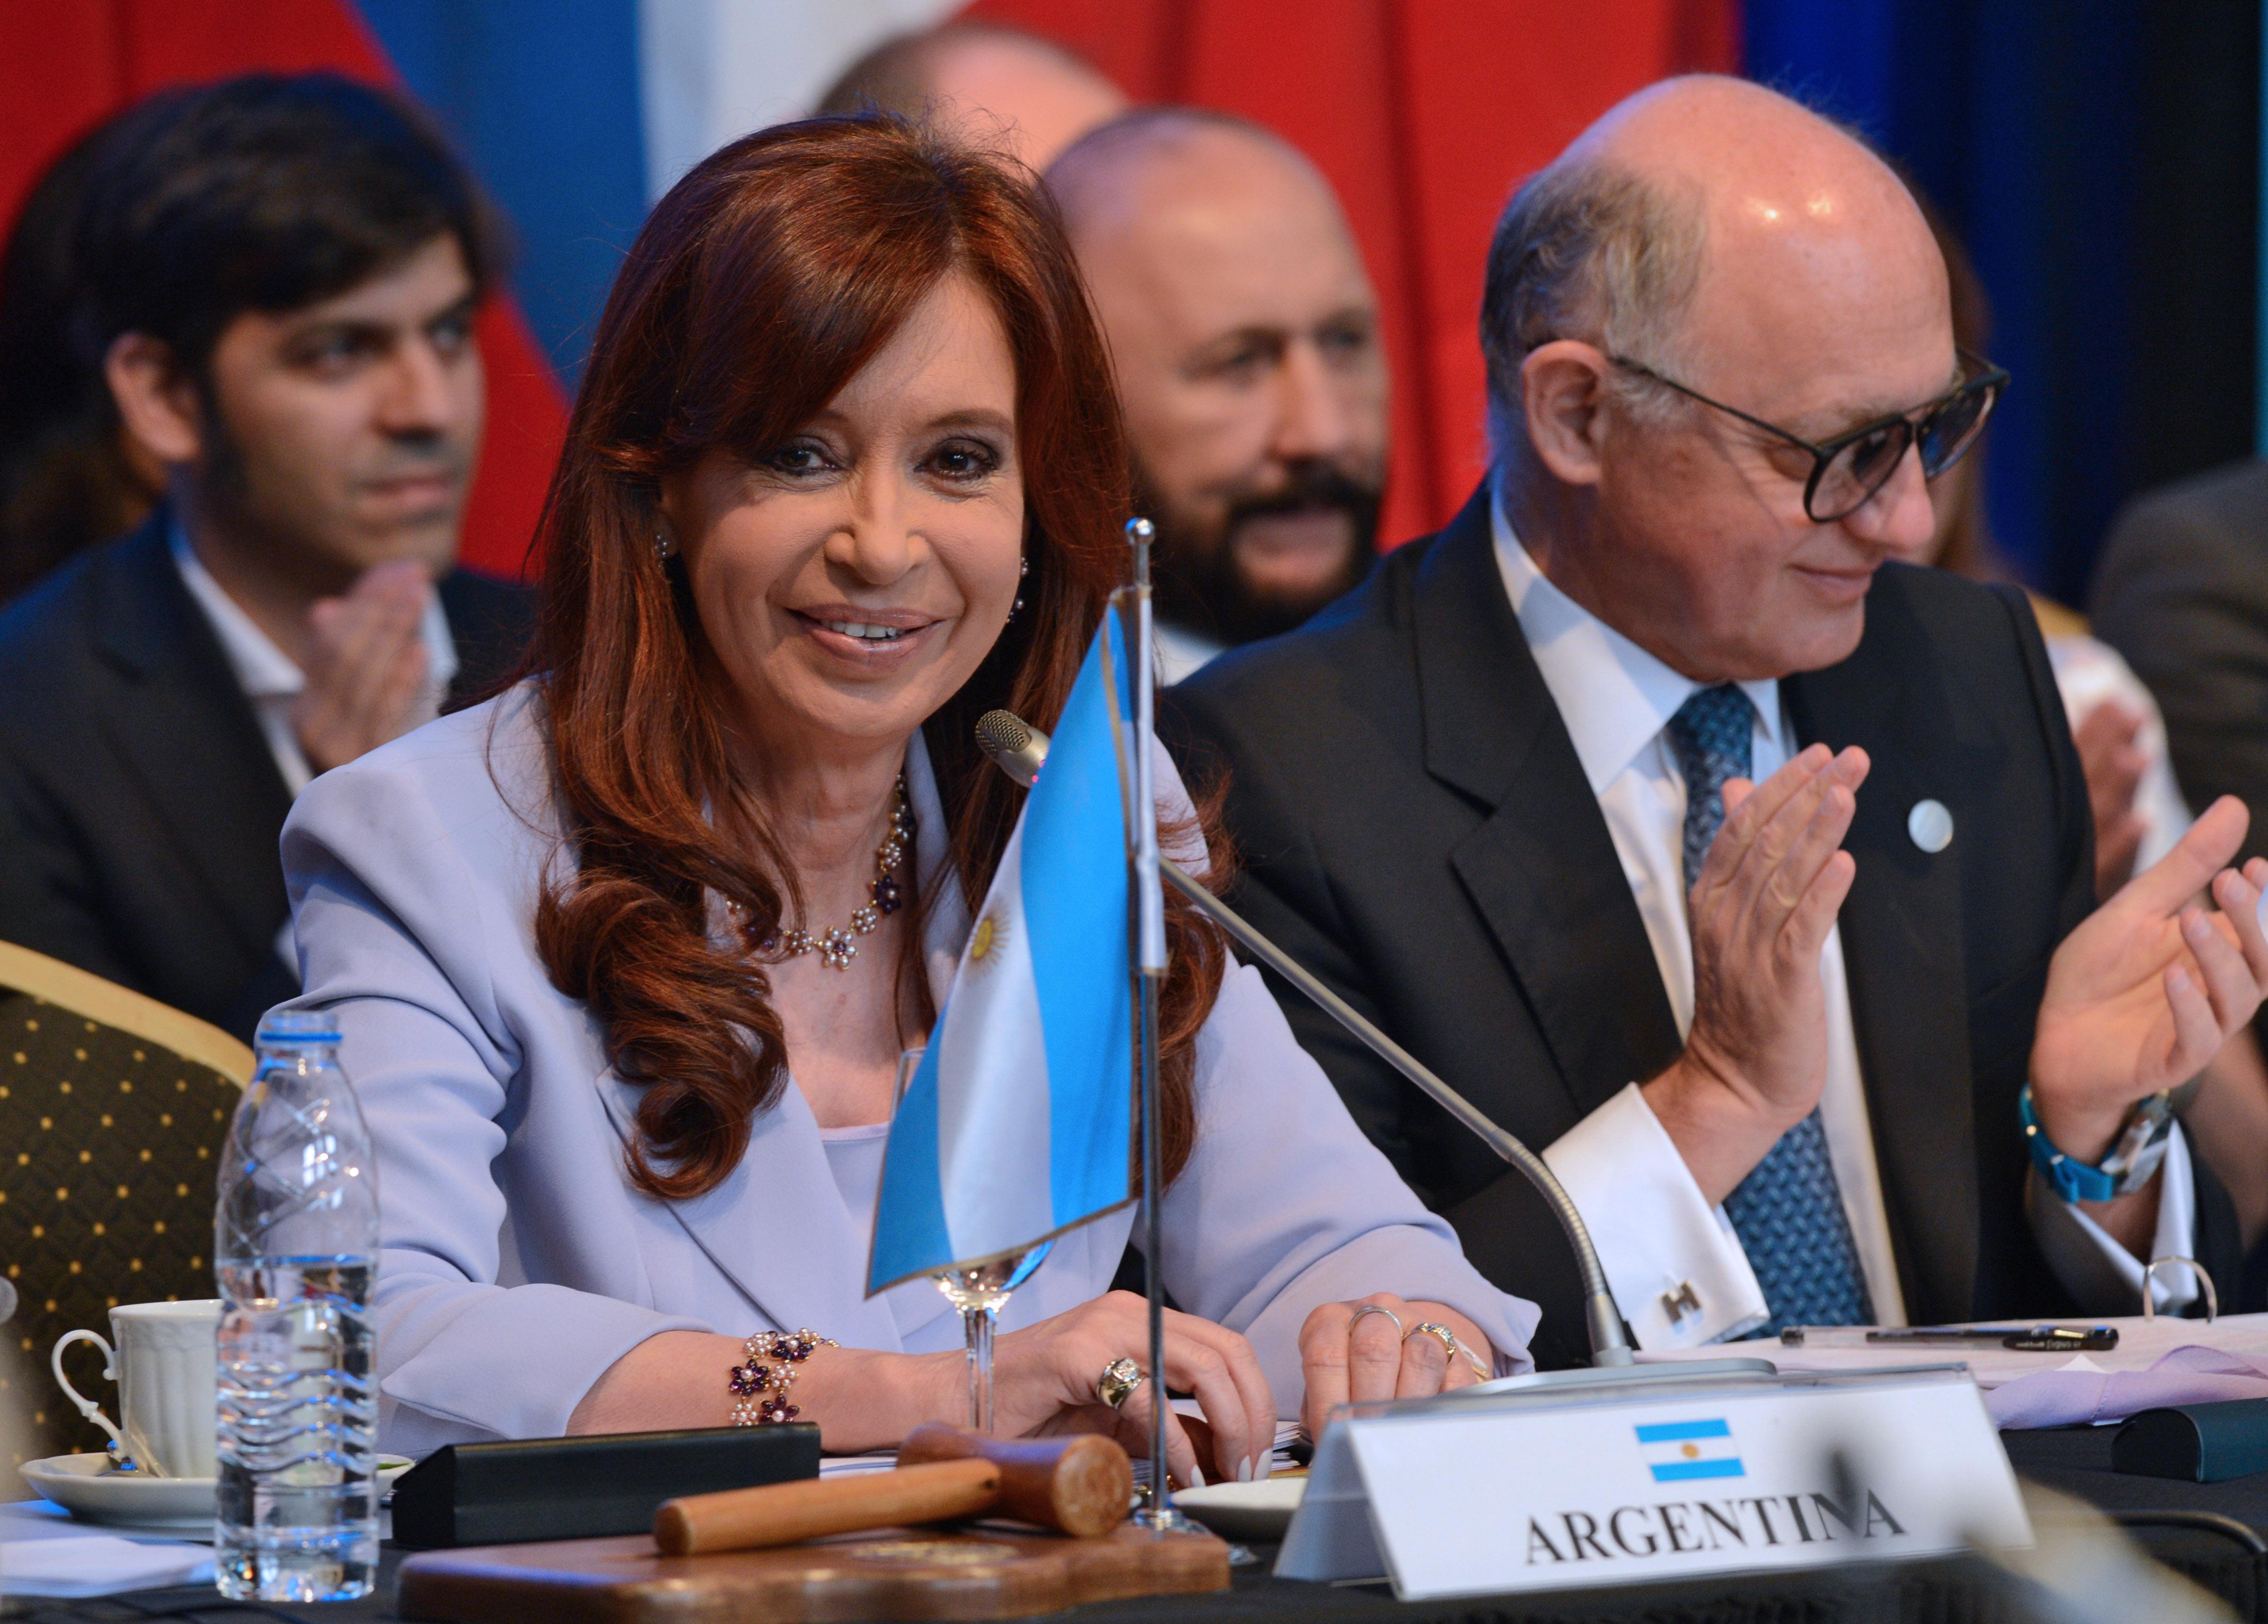 Cristina en el Mercosur en Parana